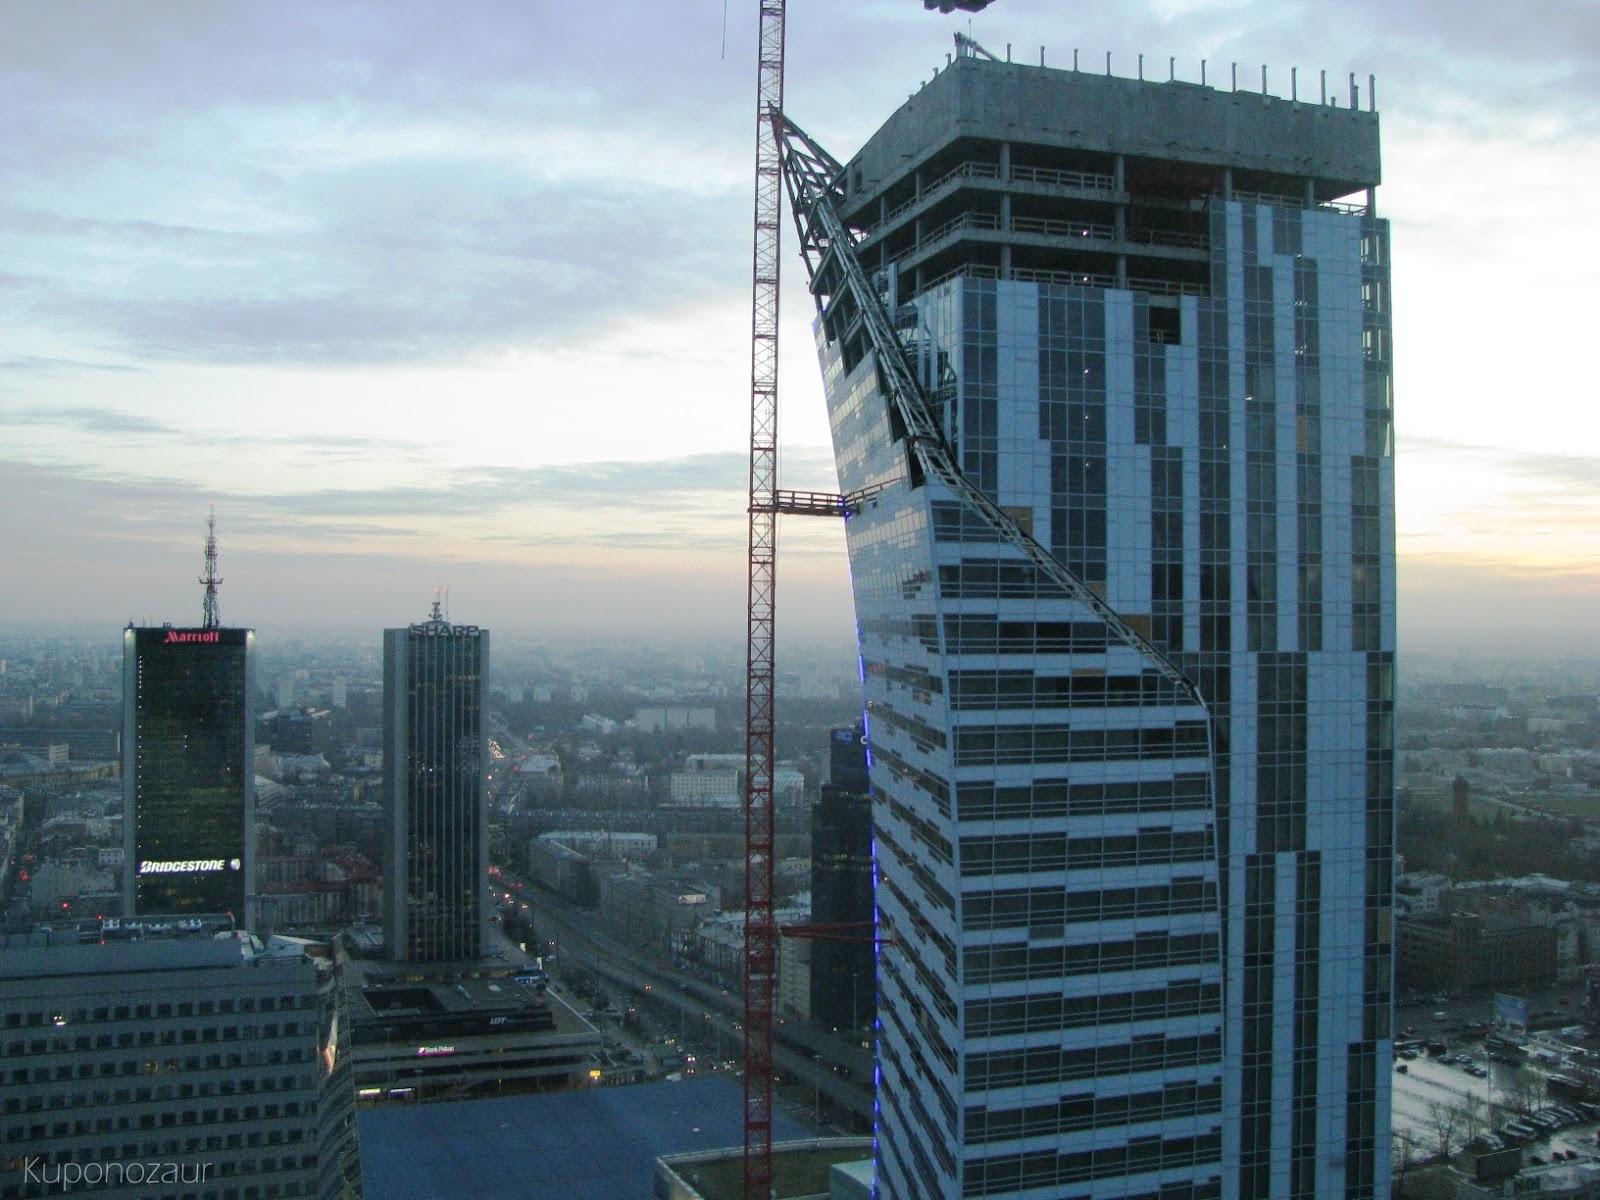 InterContinental Warszawa widok na apartamentowiec Złota 44